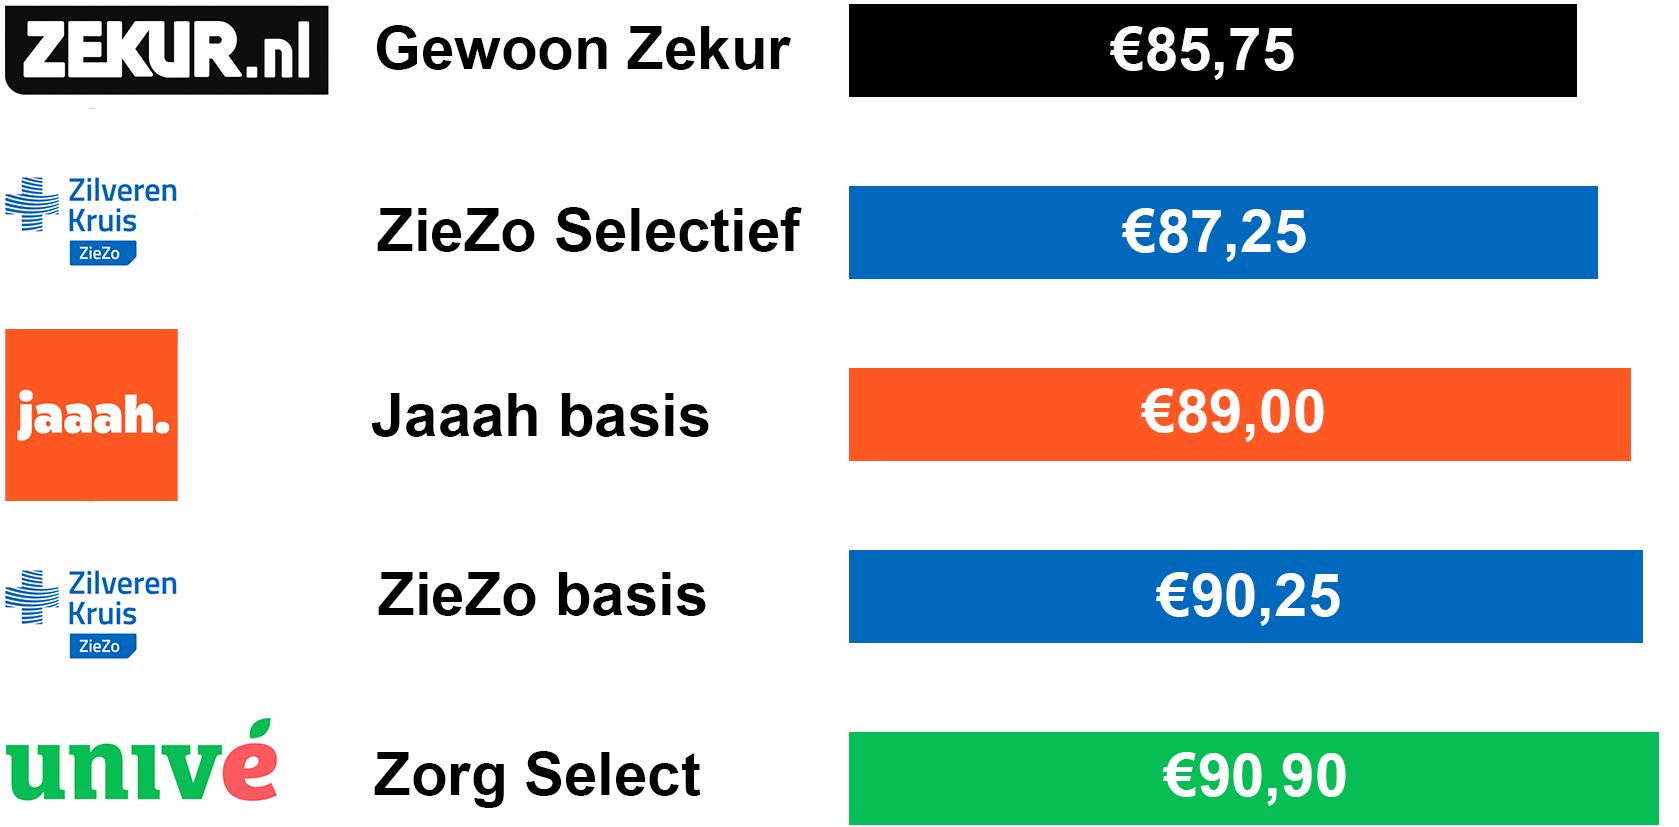 De goedkoopste zorgverzekering eigen risico €385,-